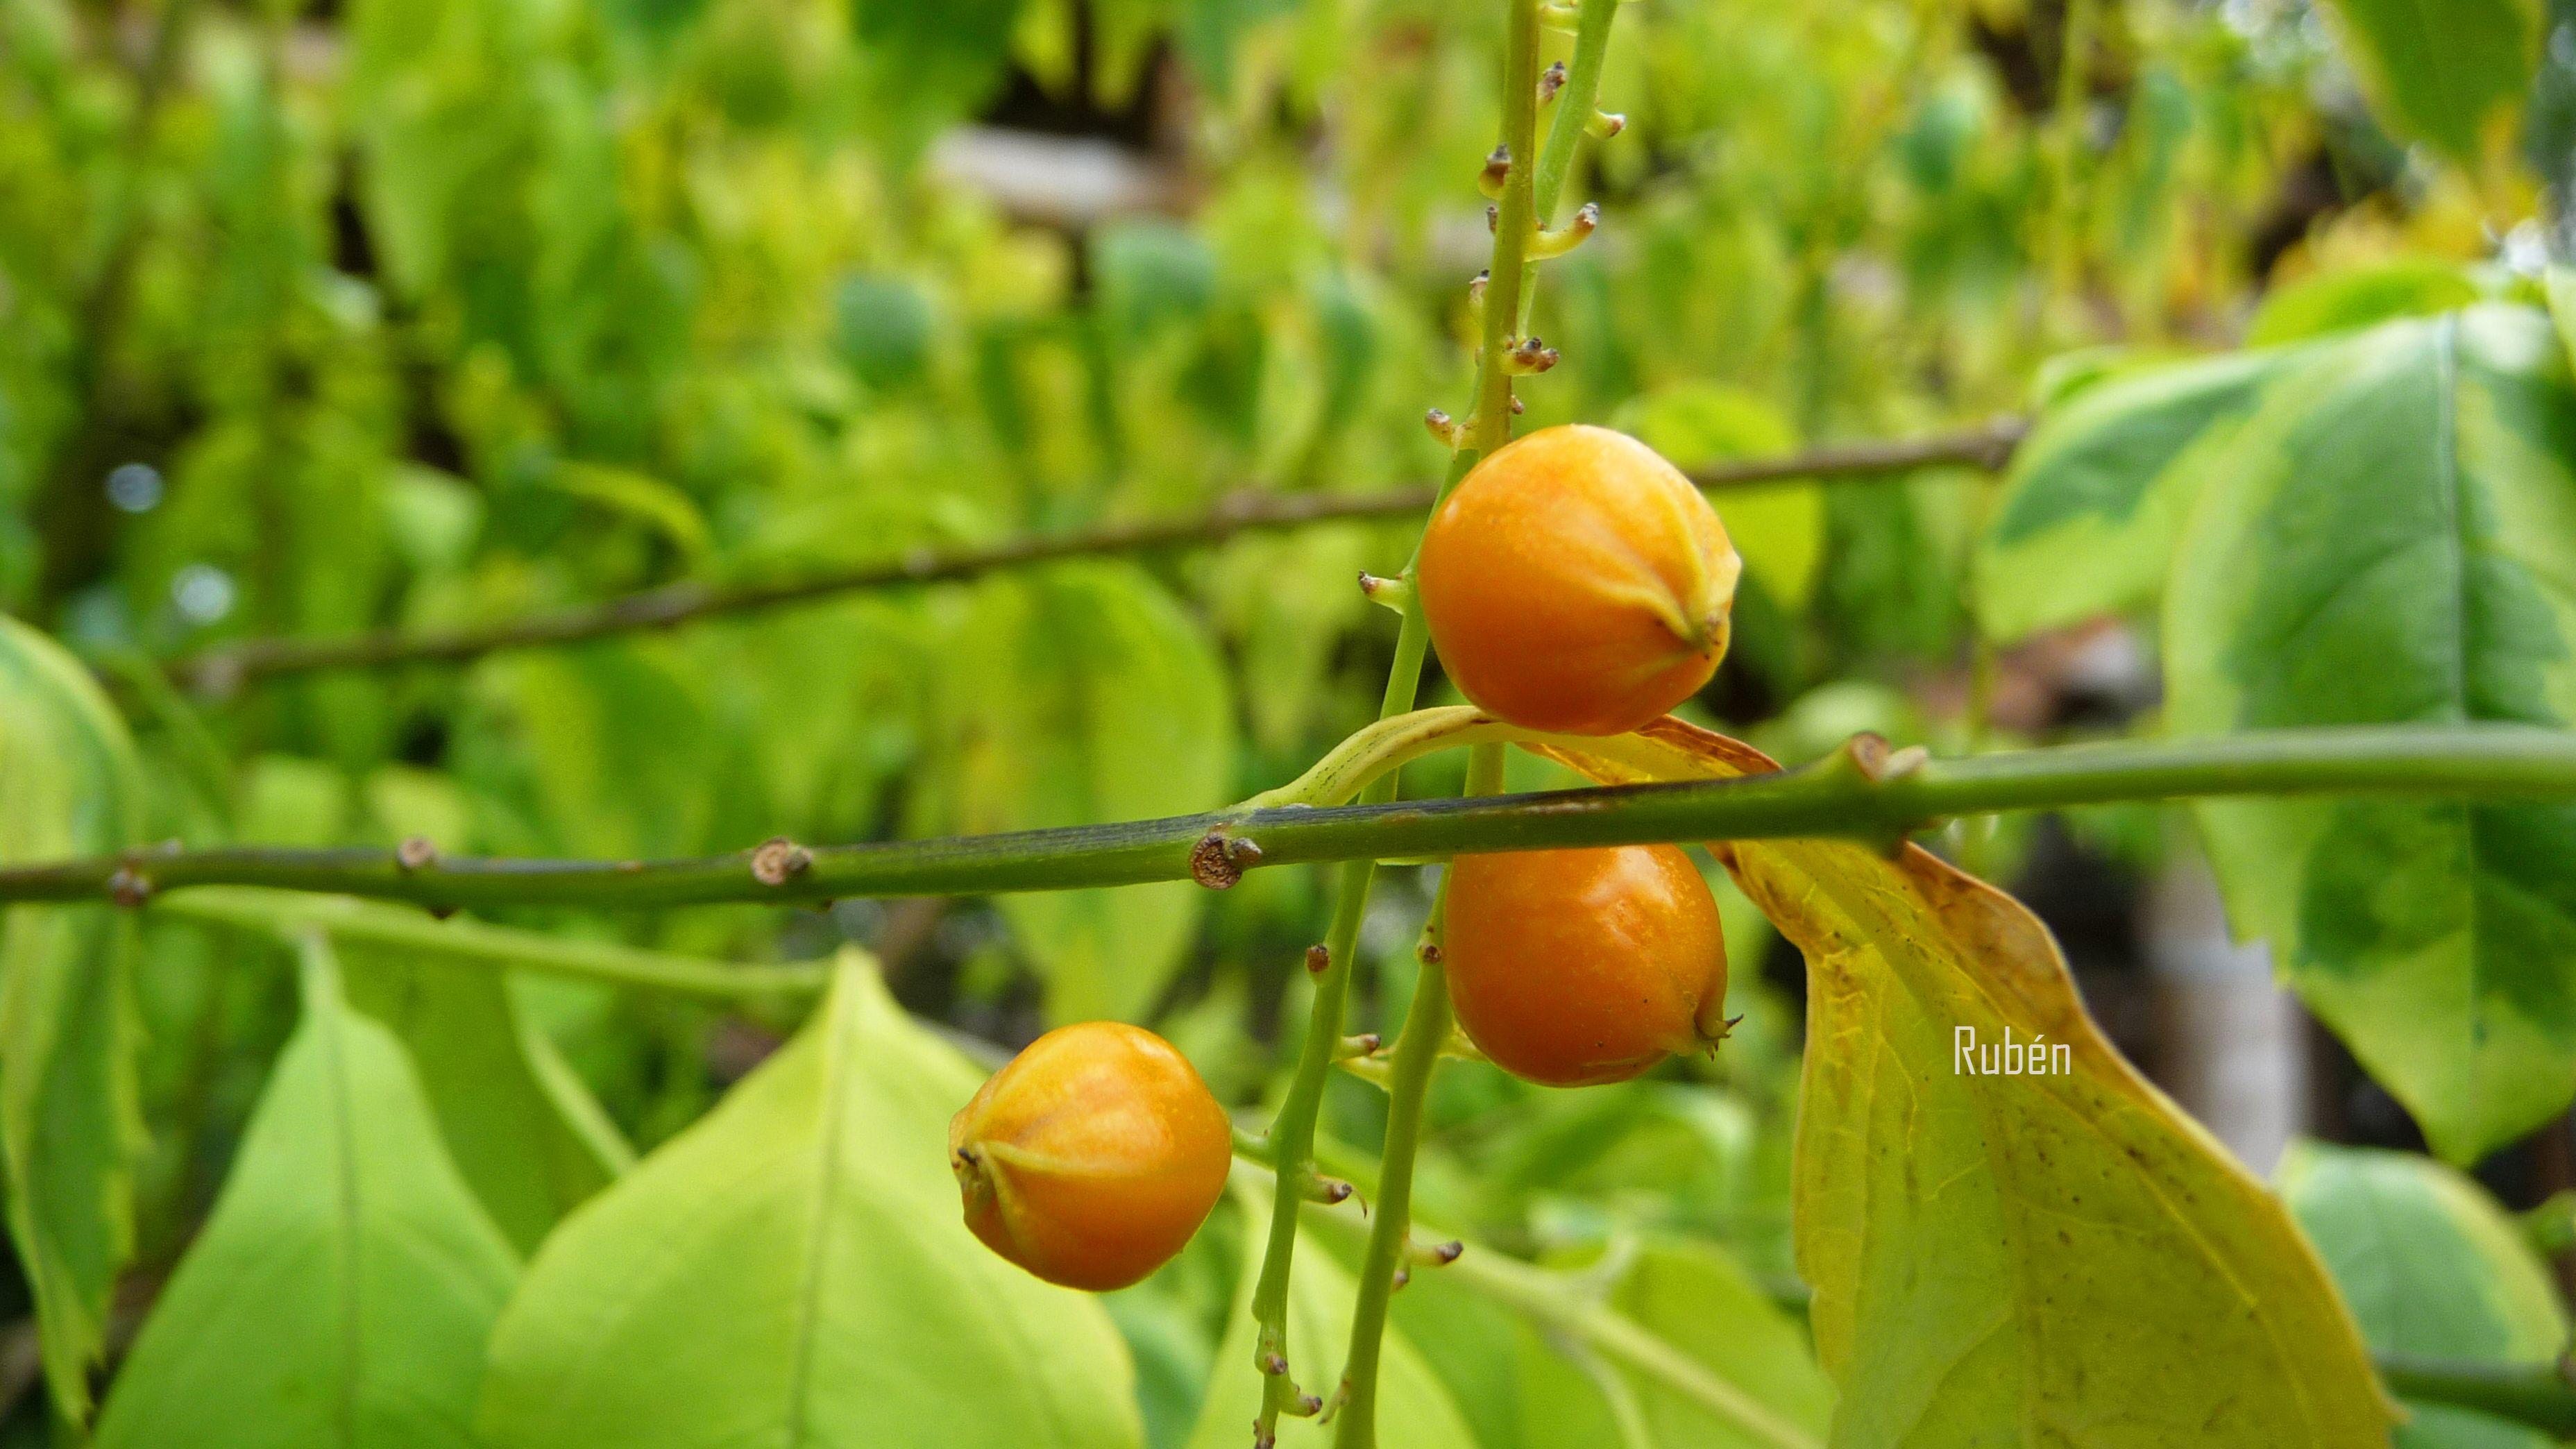 Flor de duranta (Guarda-parque)